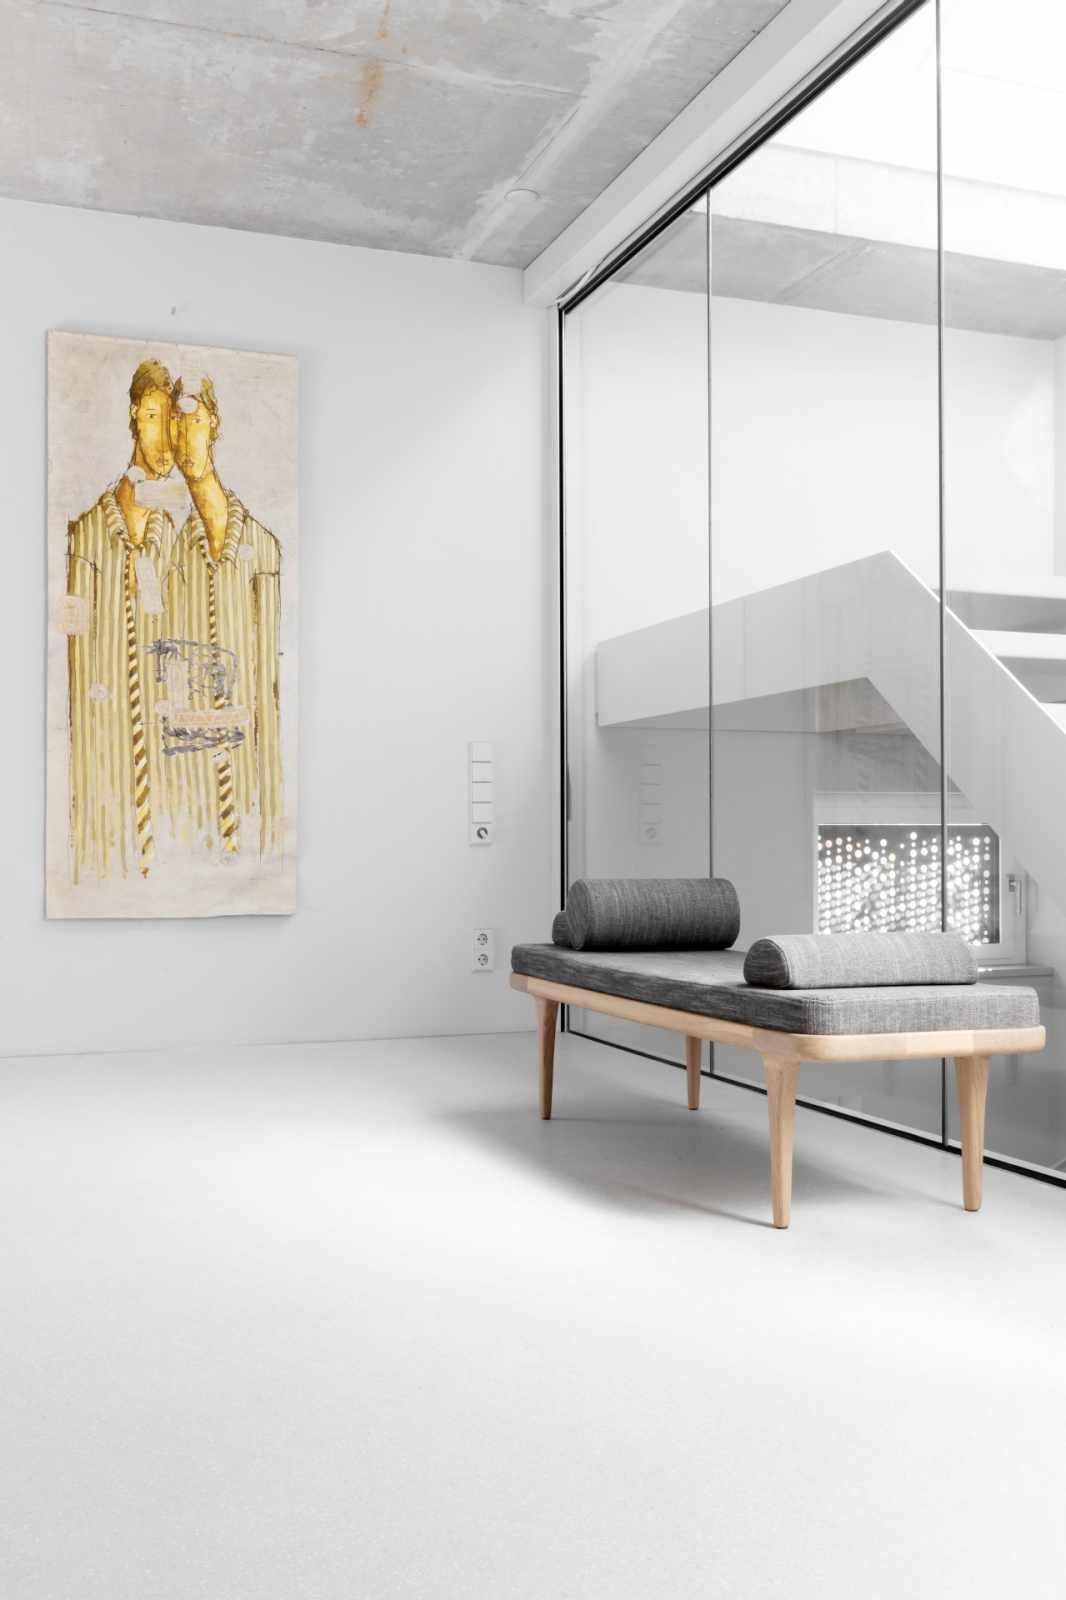 House-on-Prenzlauer-Berg-artwork